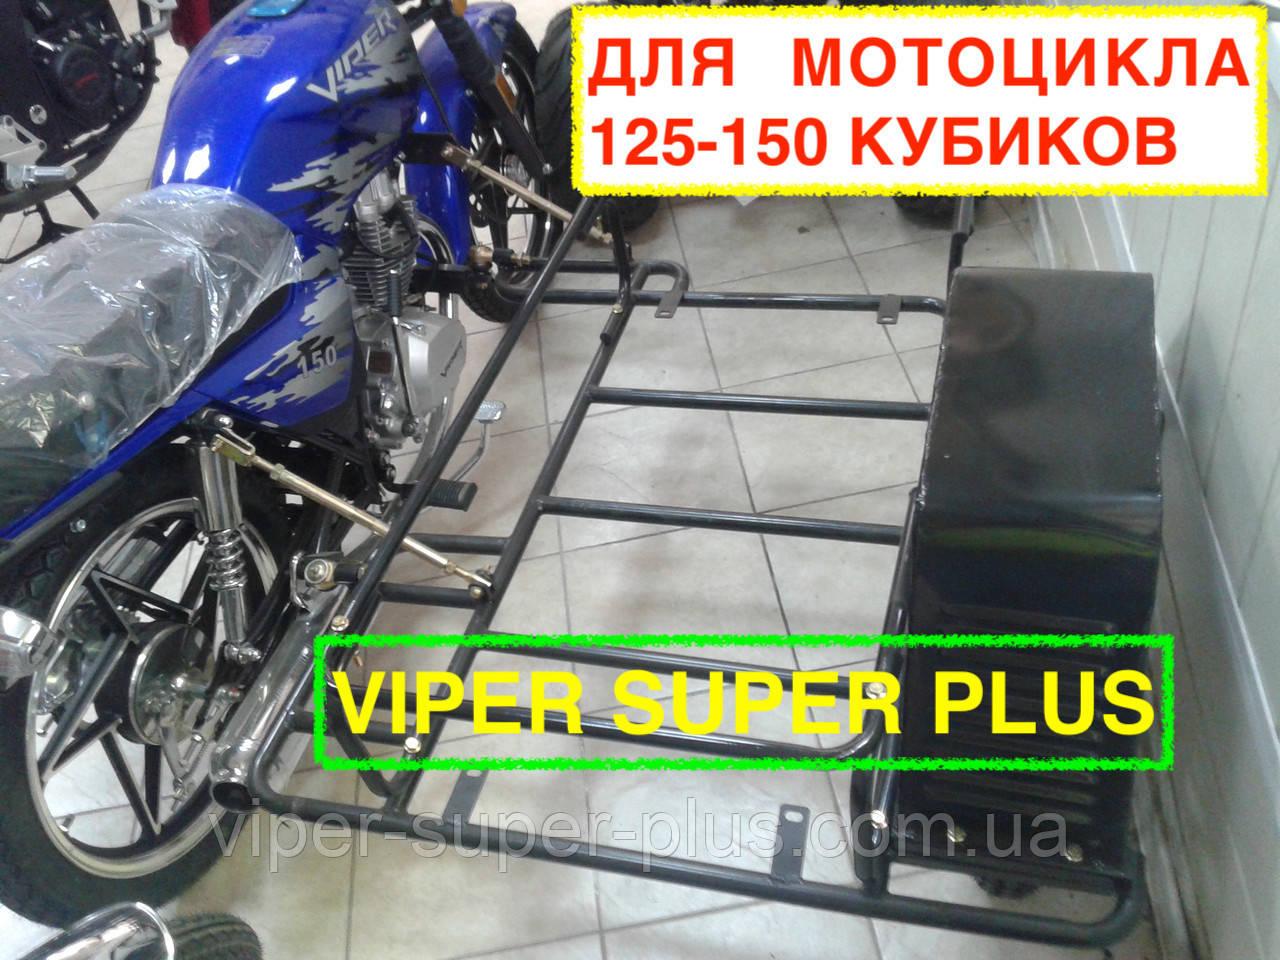 Боковая коляска транспортная к мопедам и мотоциклам на 125-150 кубиков!